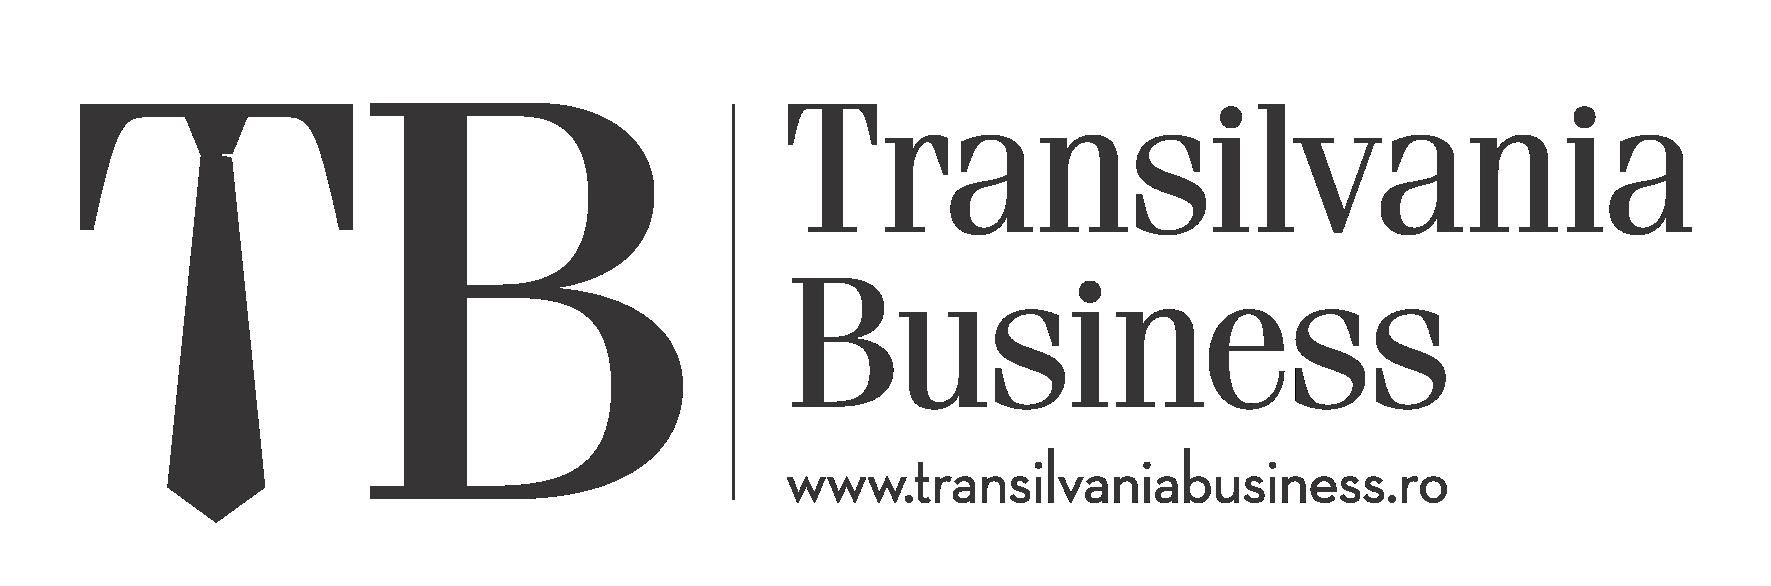 Revista lunară Transilvania Business este singura publicație premium dedicată vieții economice din Ardeal și Banat !